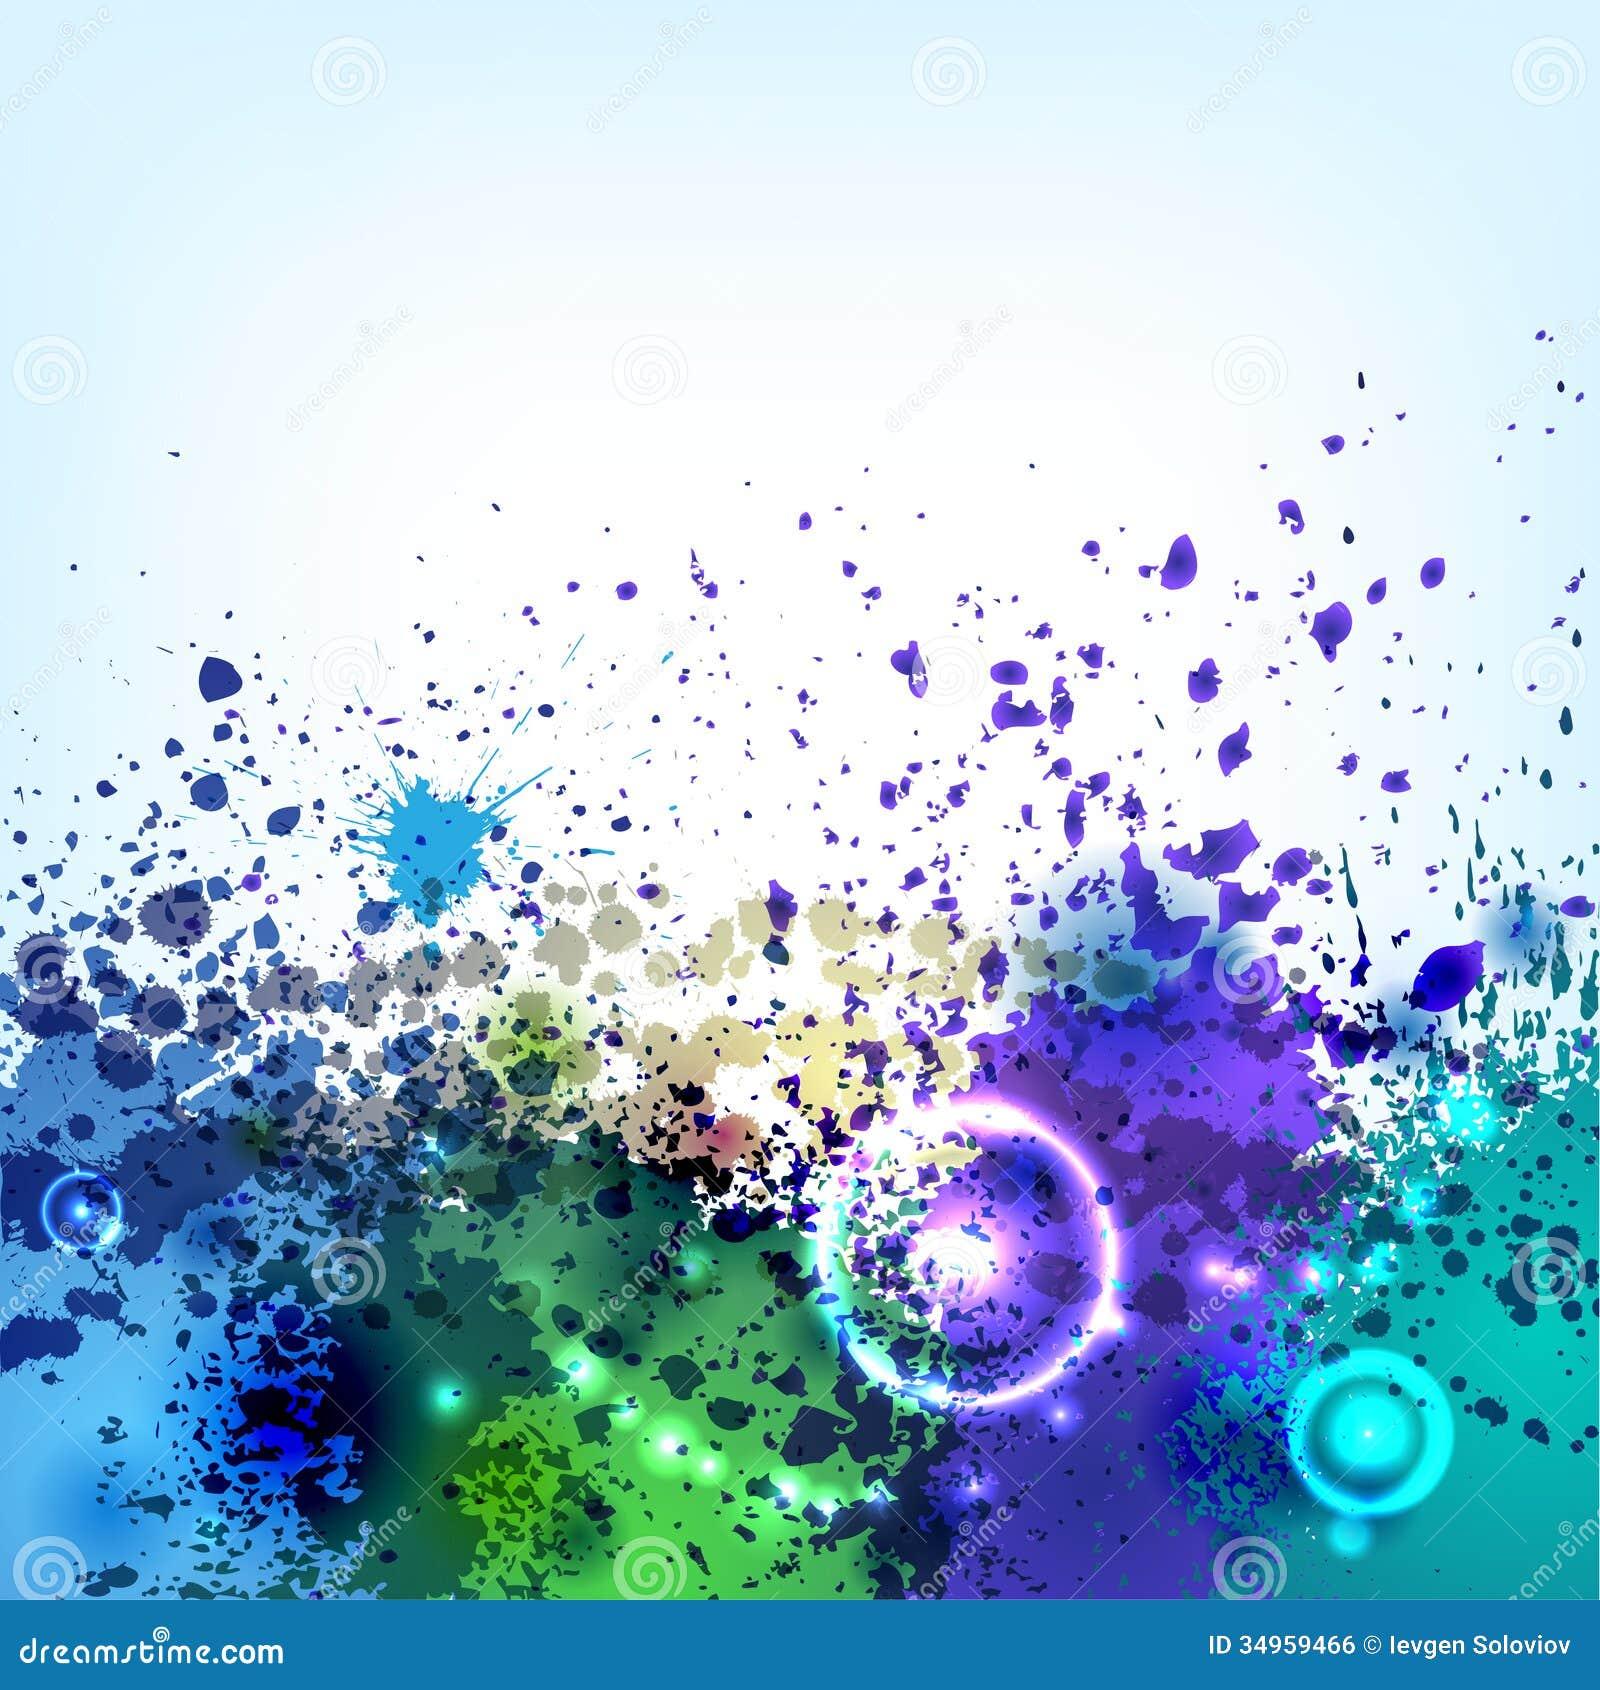 ink blot background - photo #3